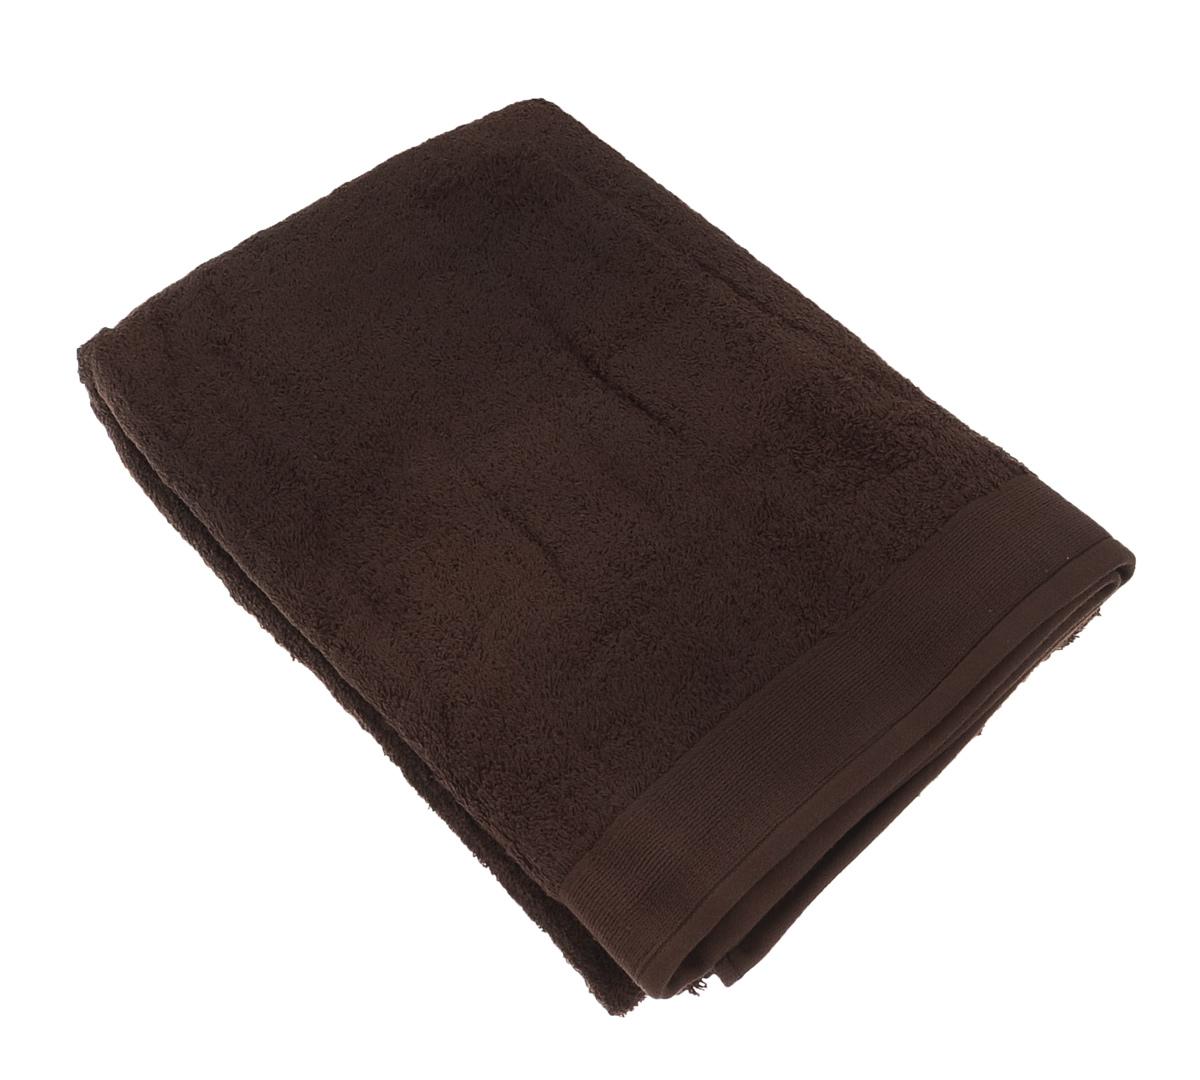 Полотенце махровое Guten Morgen, цвет: какао, 100 см х 150 см74-0080Махровое полотенце Guten Morgen, изготовленное из натурального хлопка, прекрасно впитывает влагу и быстро сохнет. Высокая плотность ткани делает полотенце мягкими, прочными и пушистыми. При соблюдении рекомендаций по уходу изделие сохраняет яркость цвета и не теряет форму даже после многократных стирок. Махровое полотенце Guten Morgen станет достойным выбором для вас и приятным подарком для ваших близких. Мягкость и высокое качество материала, из которого изготовлено полотенце, не оставит вас равнодушными.